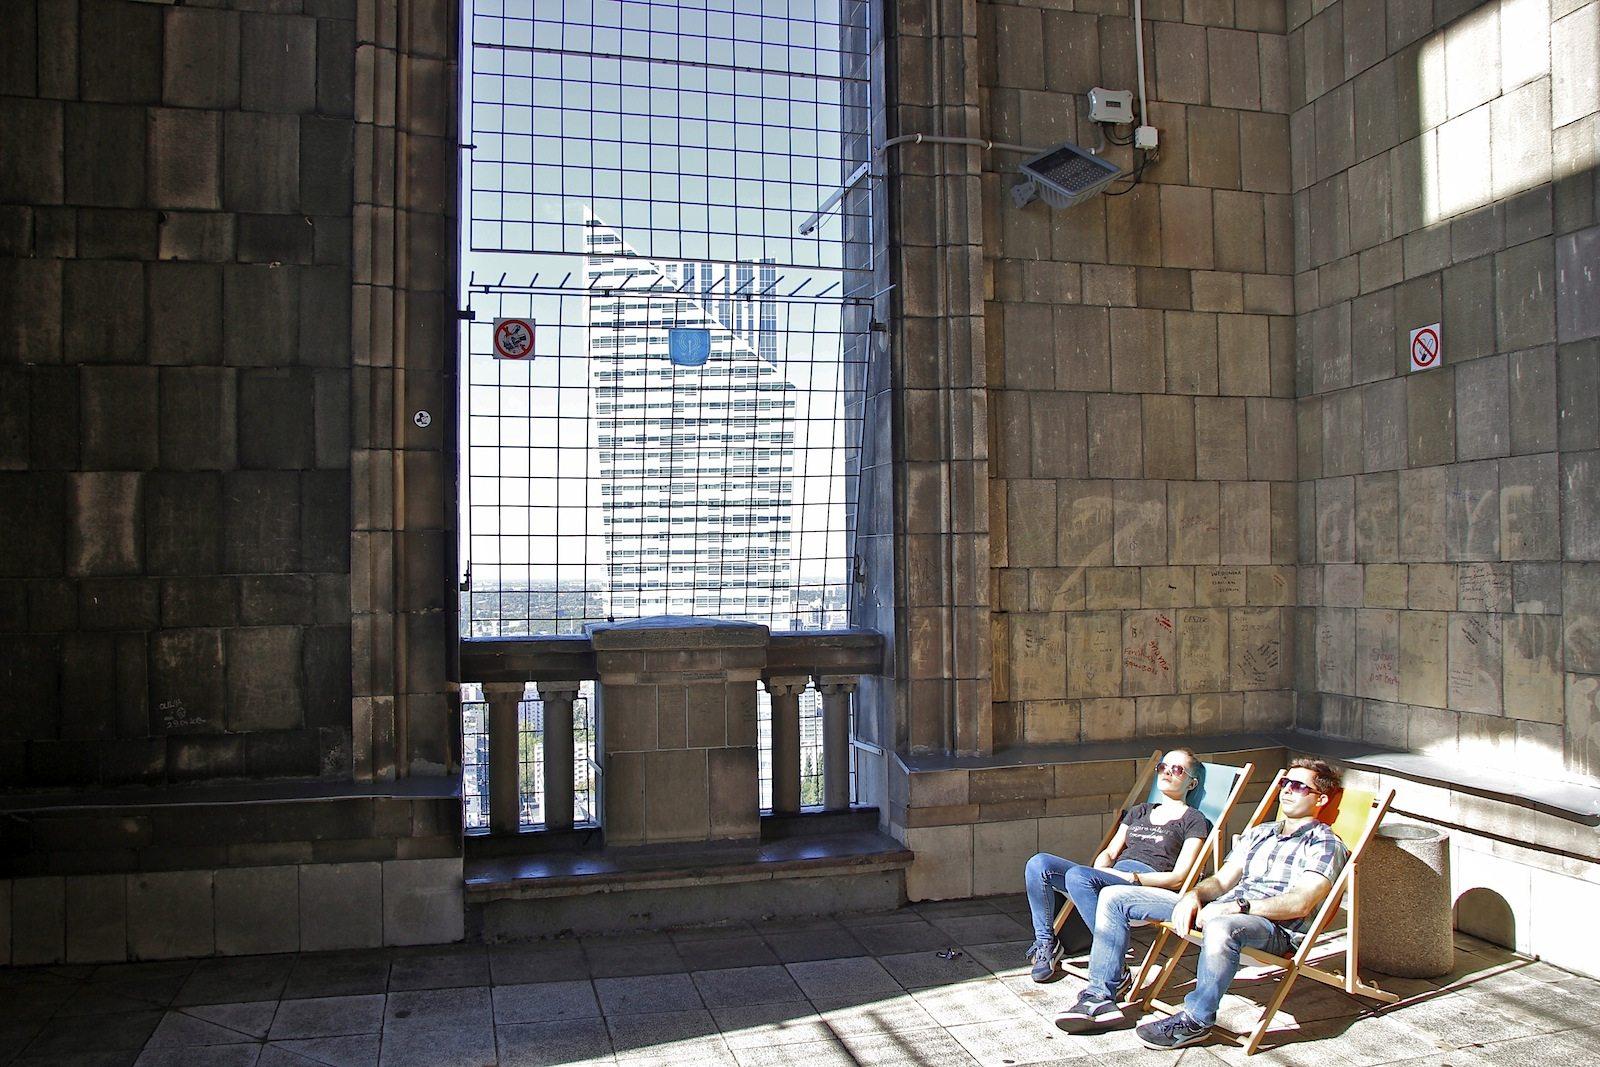 Nach allen Seiten offen.. Nirgendwo sonst hat man die Stadt besser im Blick als vom dreißigsten Stock des Kulturpalastes. Schautafeln entlang der Aussichtsplattform machen deutlich, wie sich Warschau nach dem Desaster des Weltkrieges wieder erhebt.